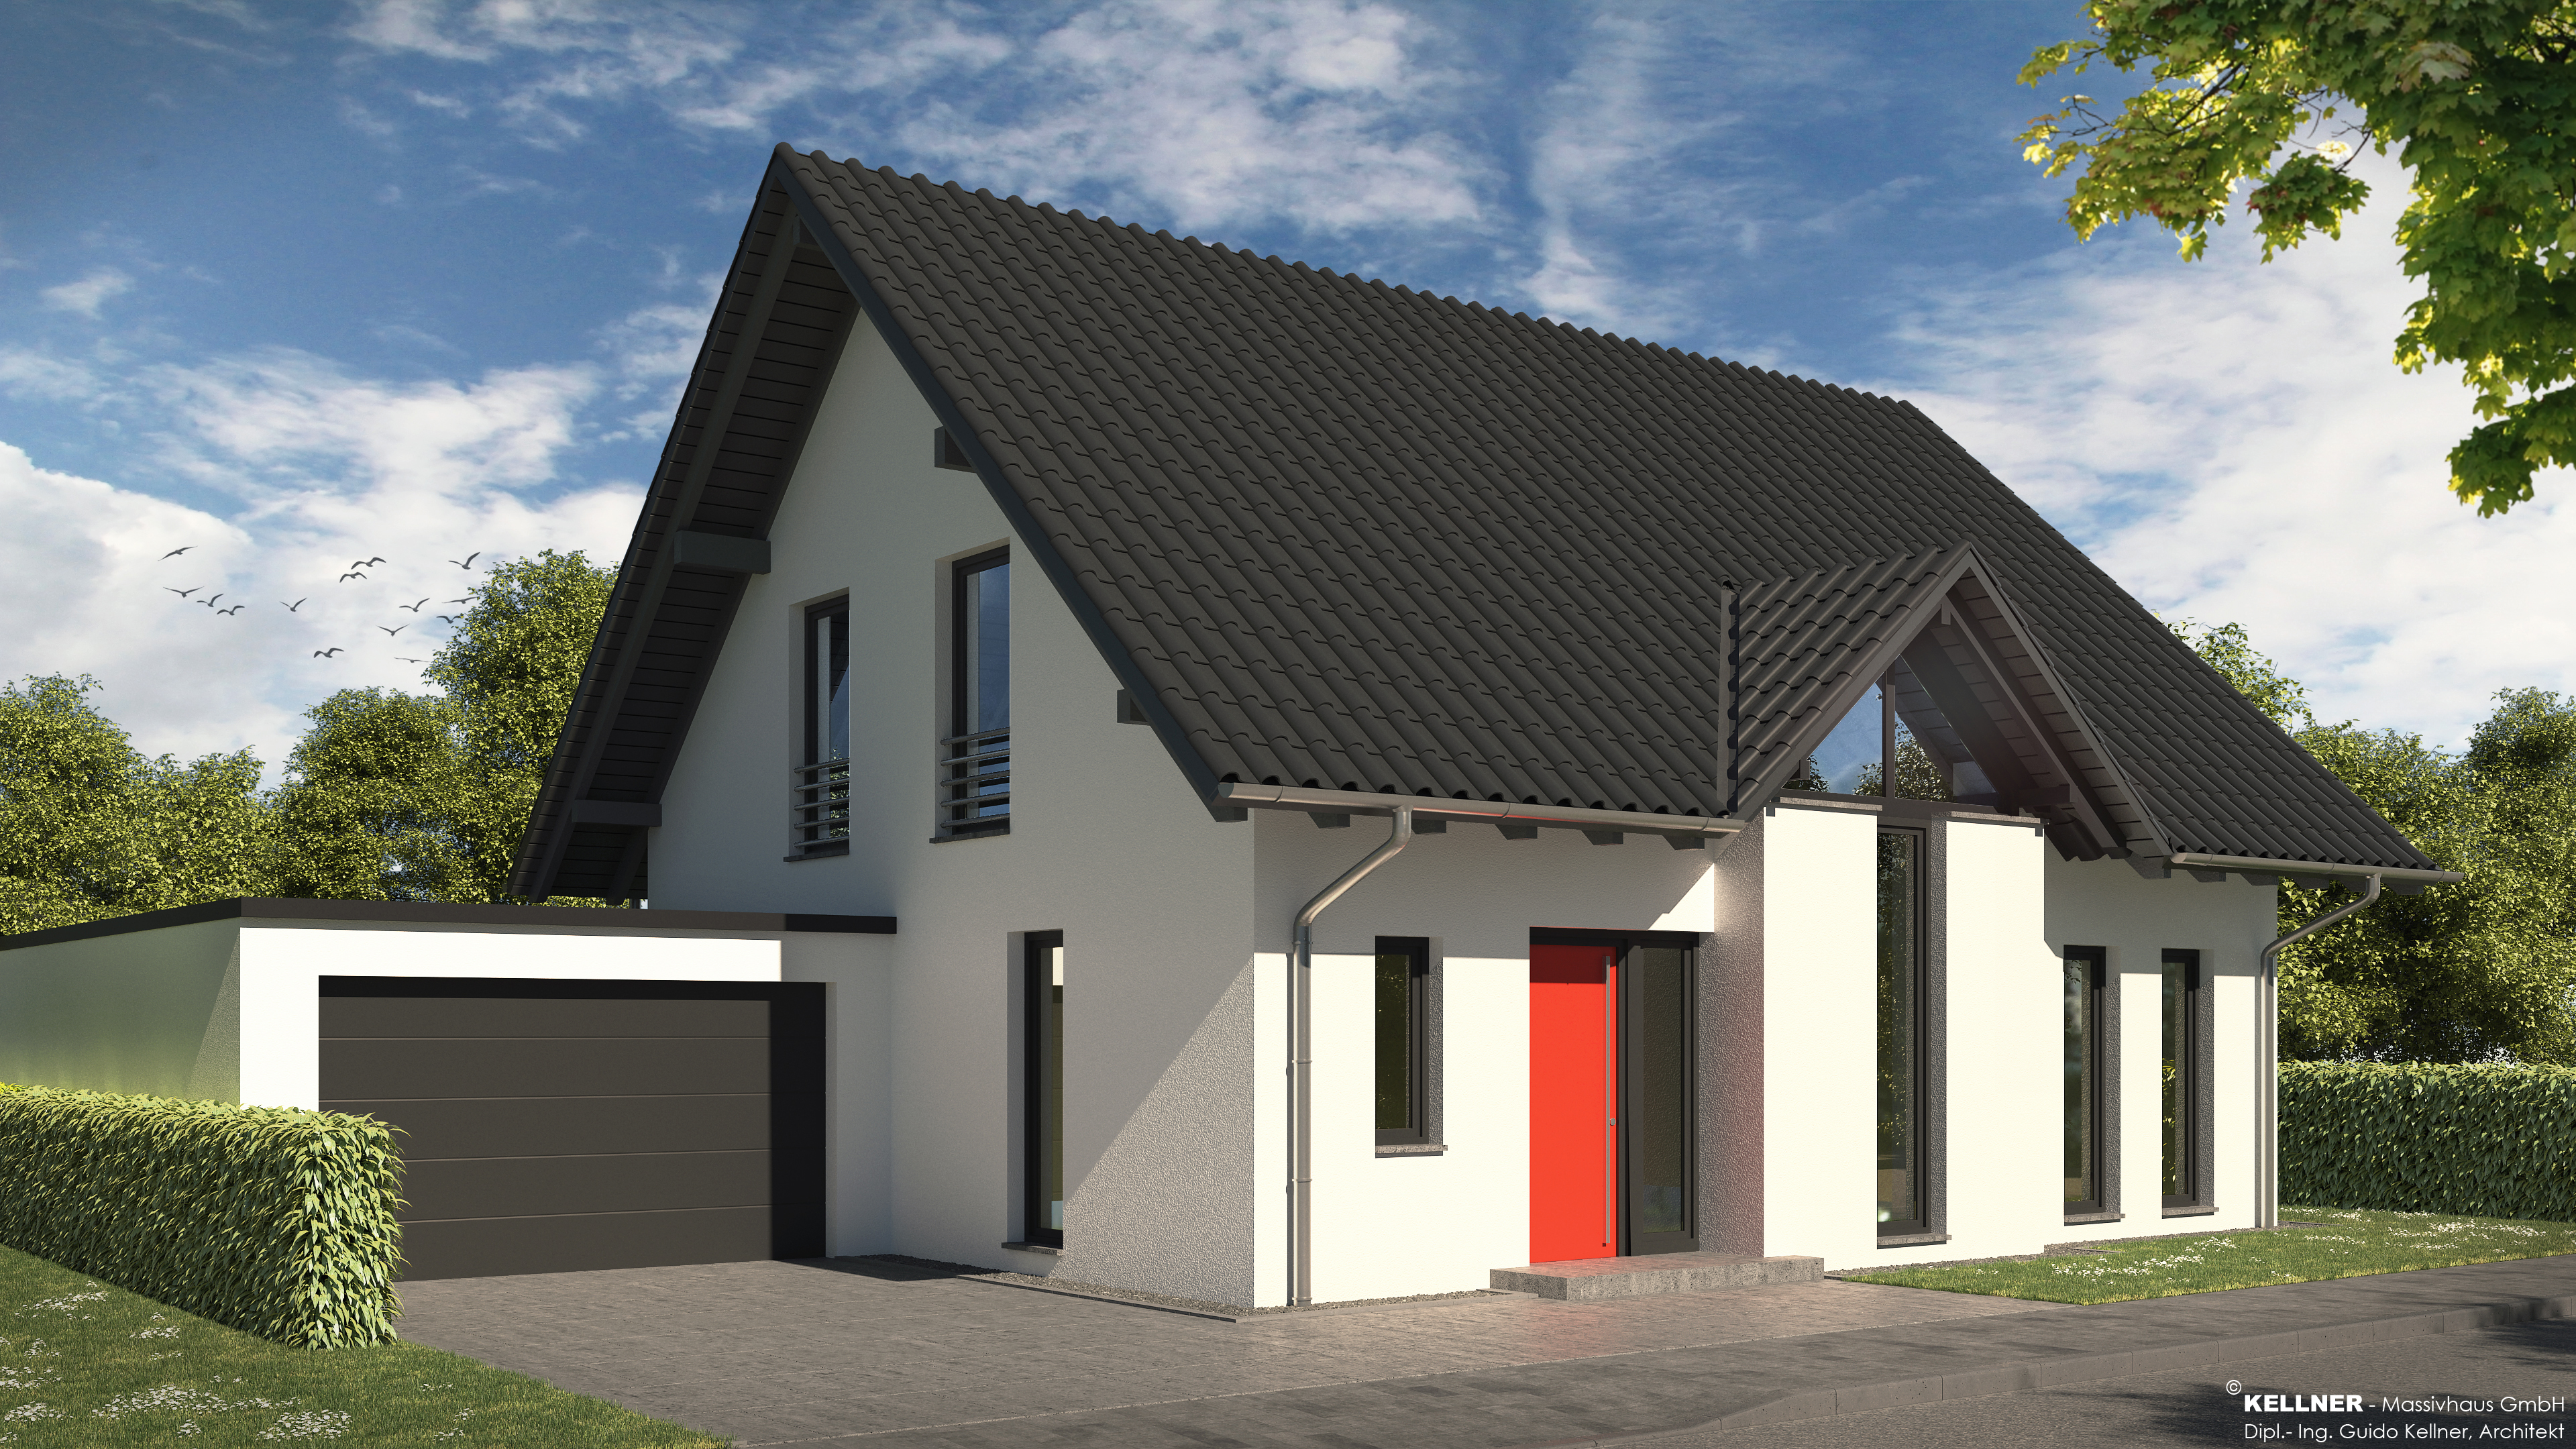 KELLNER Massivhaus